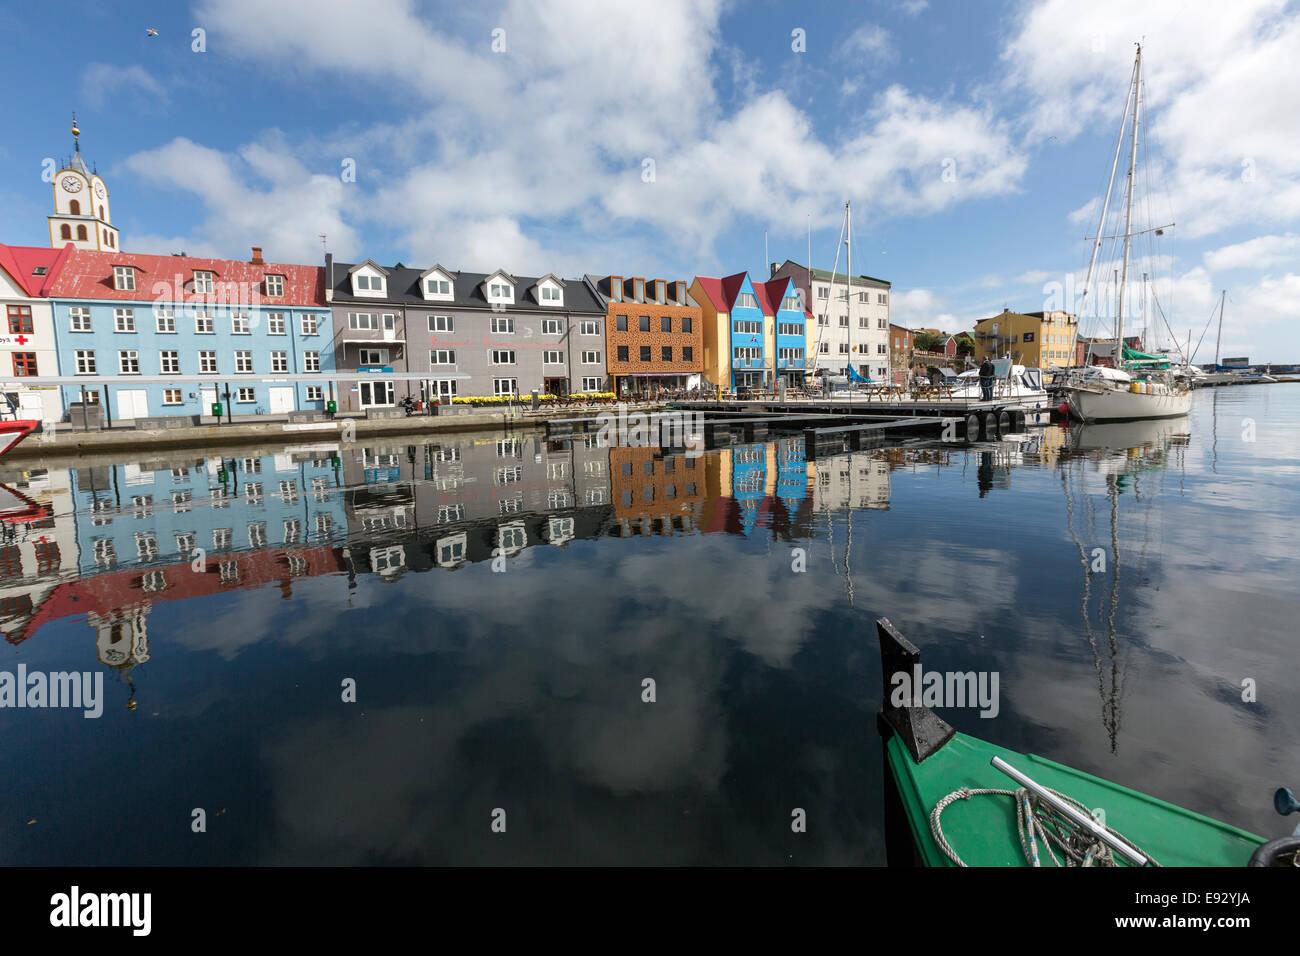 Reflexion in the Torshavn harbor, - Stock Image